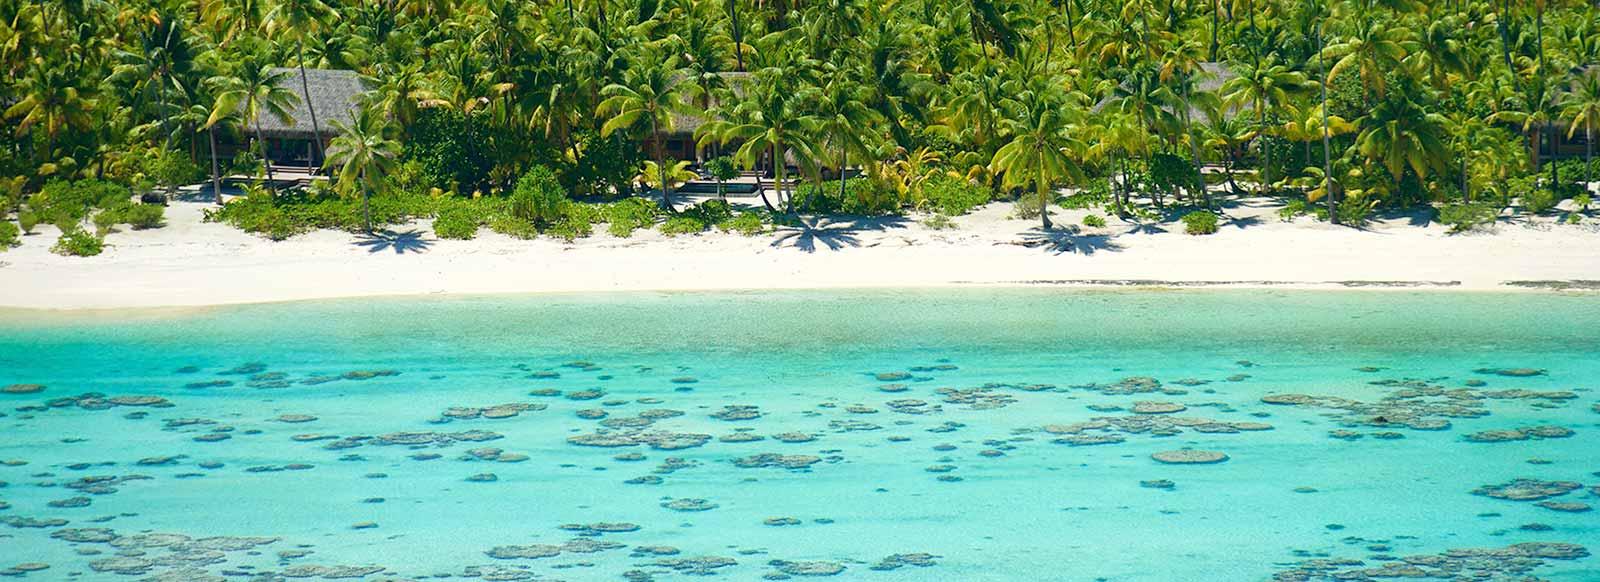 Private Islands for rent - The Brando on Tetiaroa - French